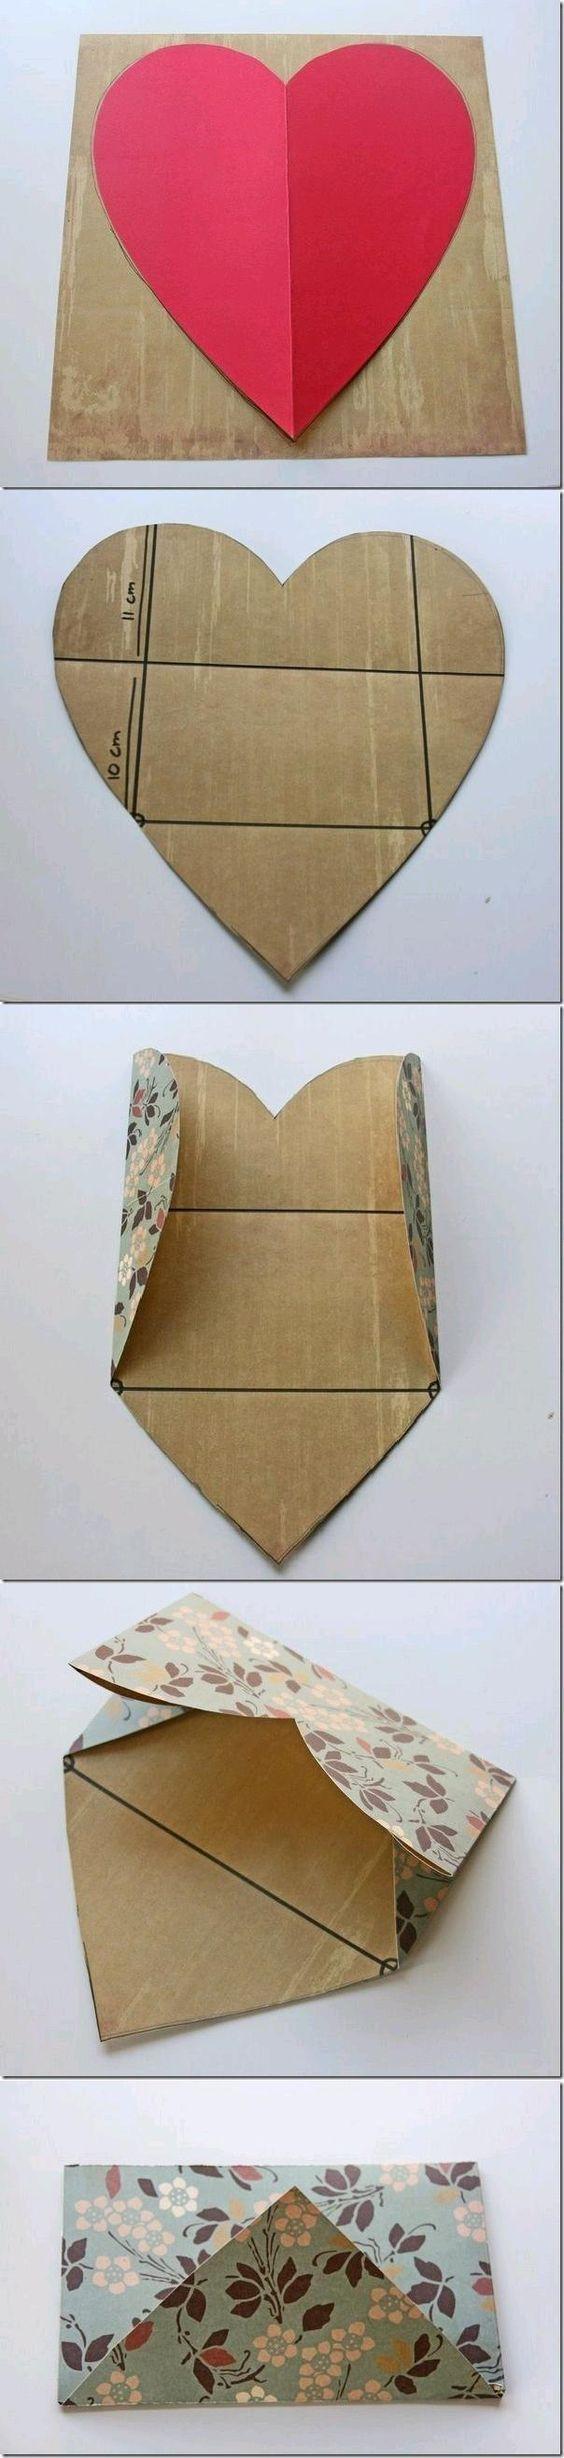 Pour les retardataires , à faire :   une petite enveloppe réalisée à partir de la forme d'un coeur ,   vite fait mais avec amour ,   p...